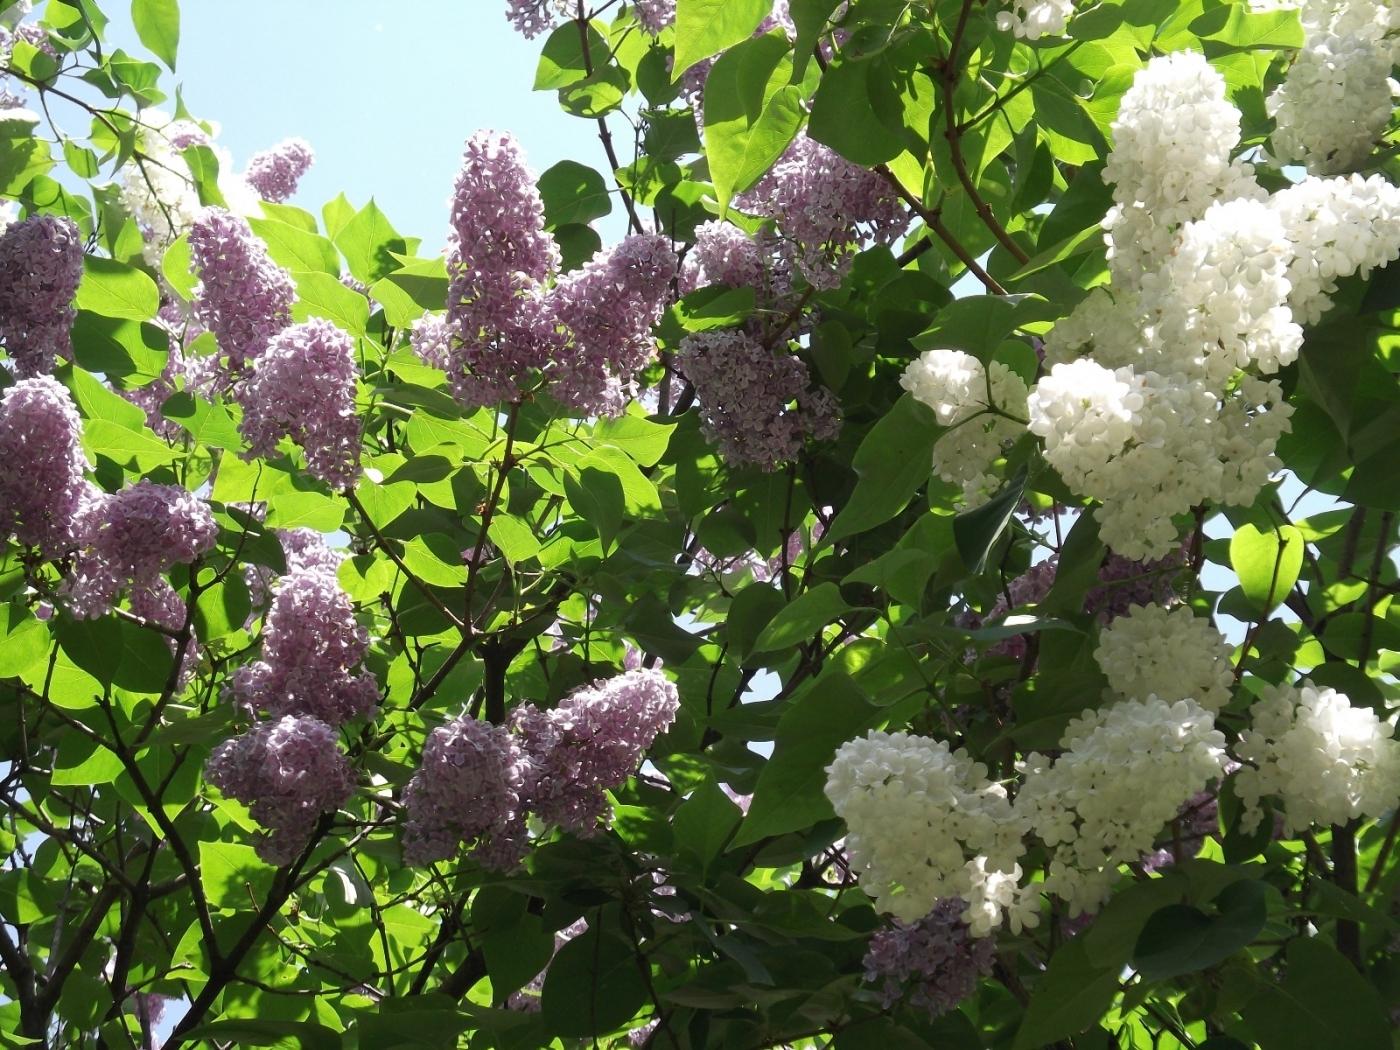 23401 descargar fondo de pantalla Plantas, Flores, Árboles, Lila: protectores de pantalla e imágenes gratis